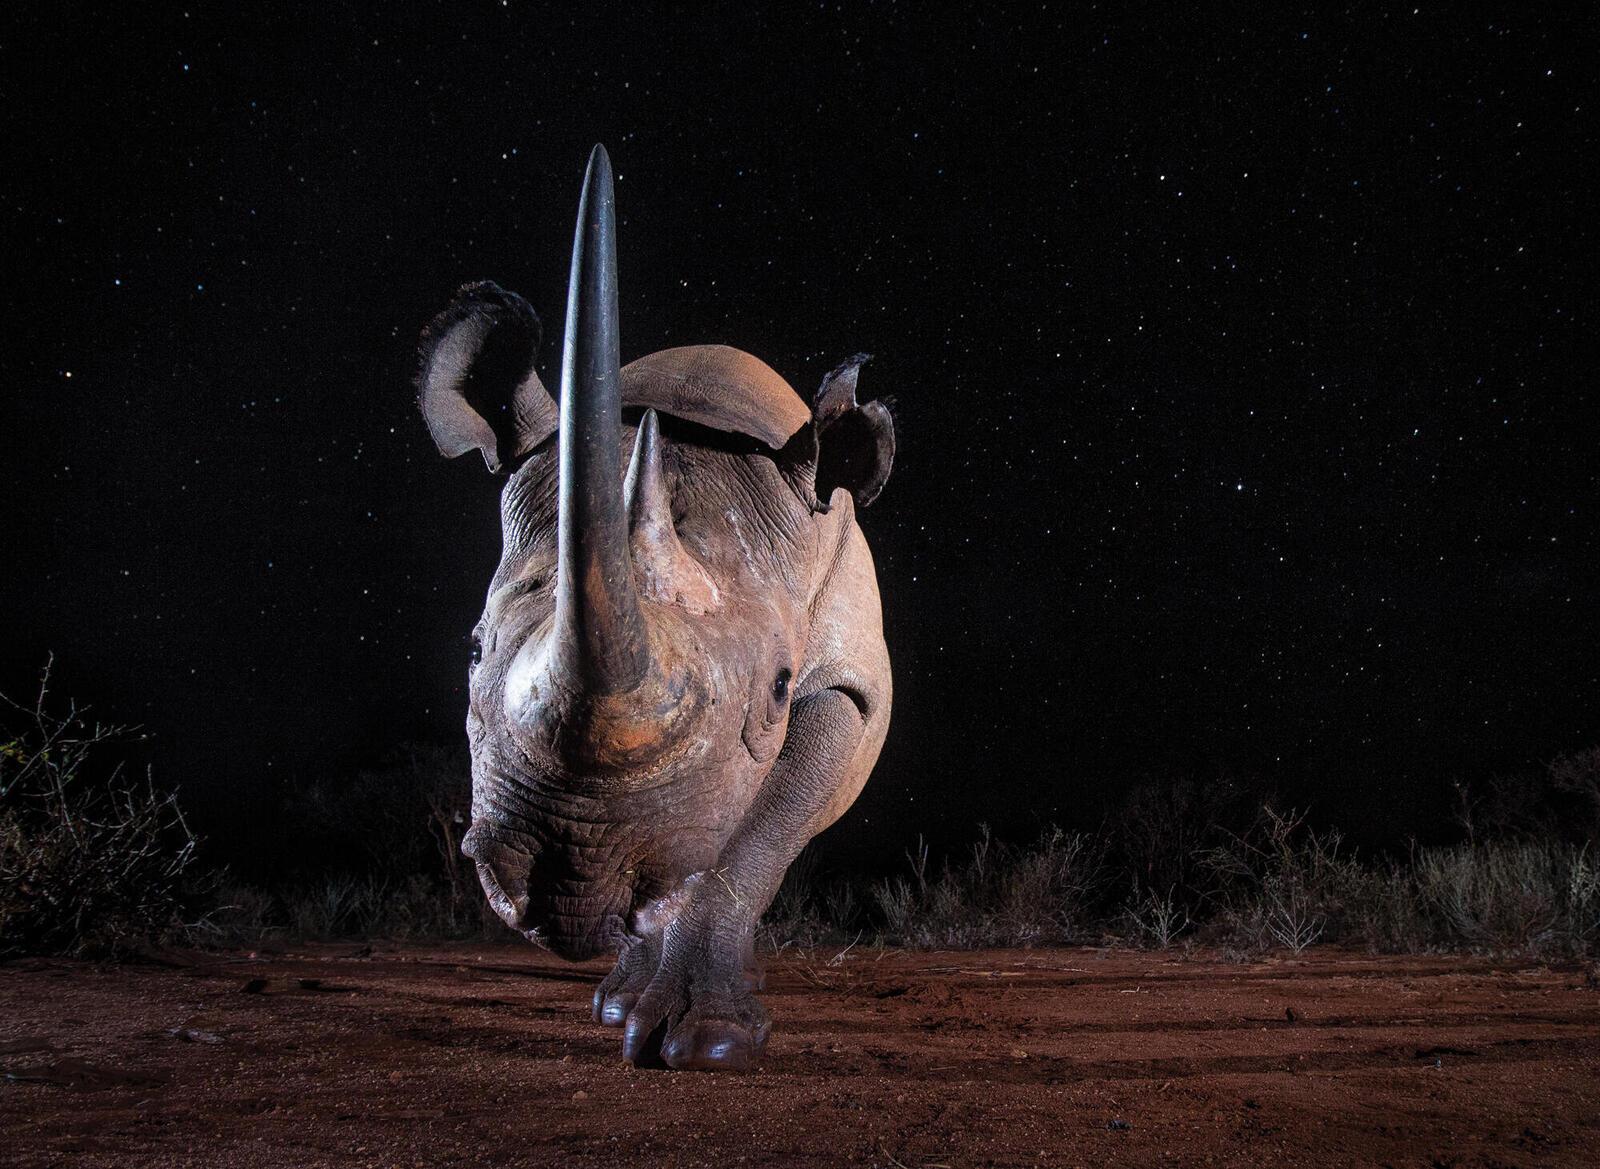 Black rhino facing camera at night